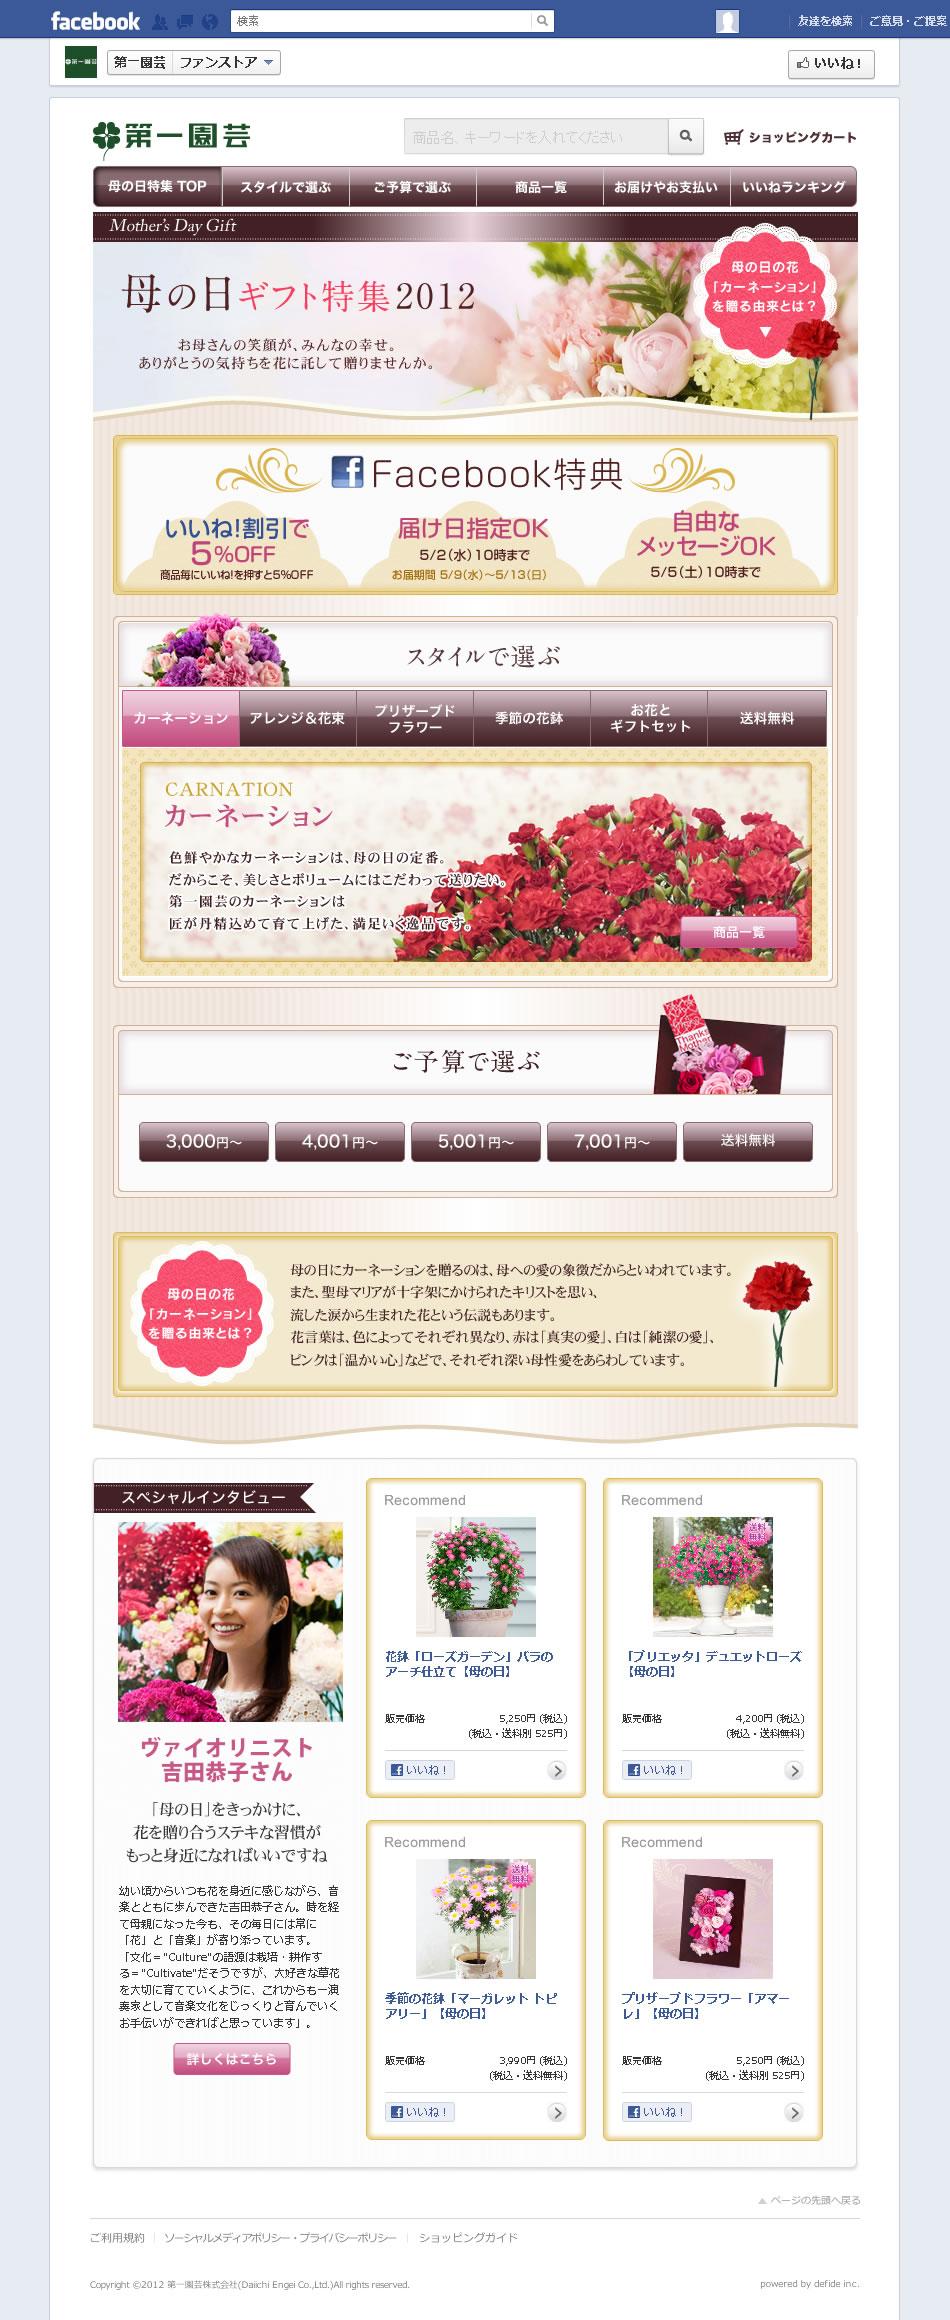 デフィデ株式会社、FacebookなどSNS向けソーシャルコマースアプリ「YO.CART!!(ヨカート!!)」、第一園芸株式会社Facebookコマース「母の日ギフト特集2012」に採用